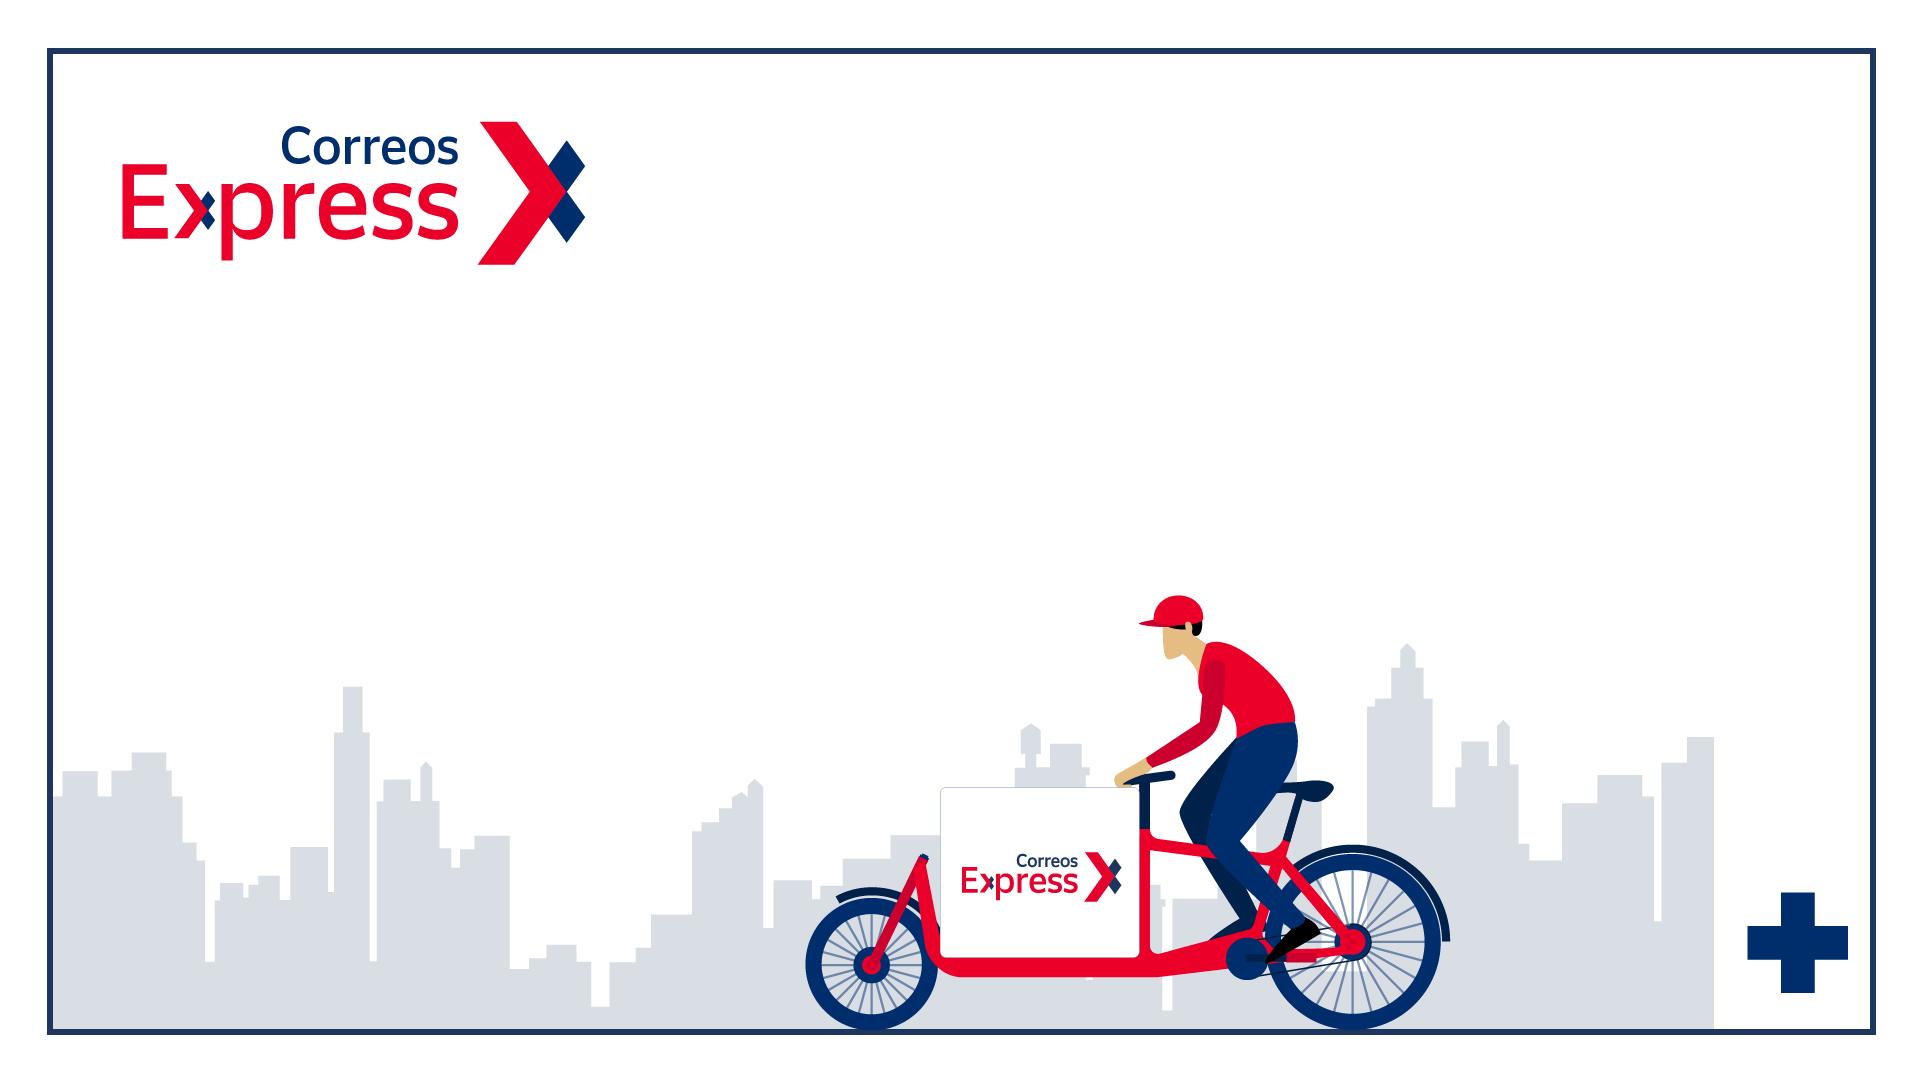 Correos Express, operador logístico oficial del Campeonato de España de Carretera 2021